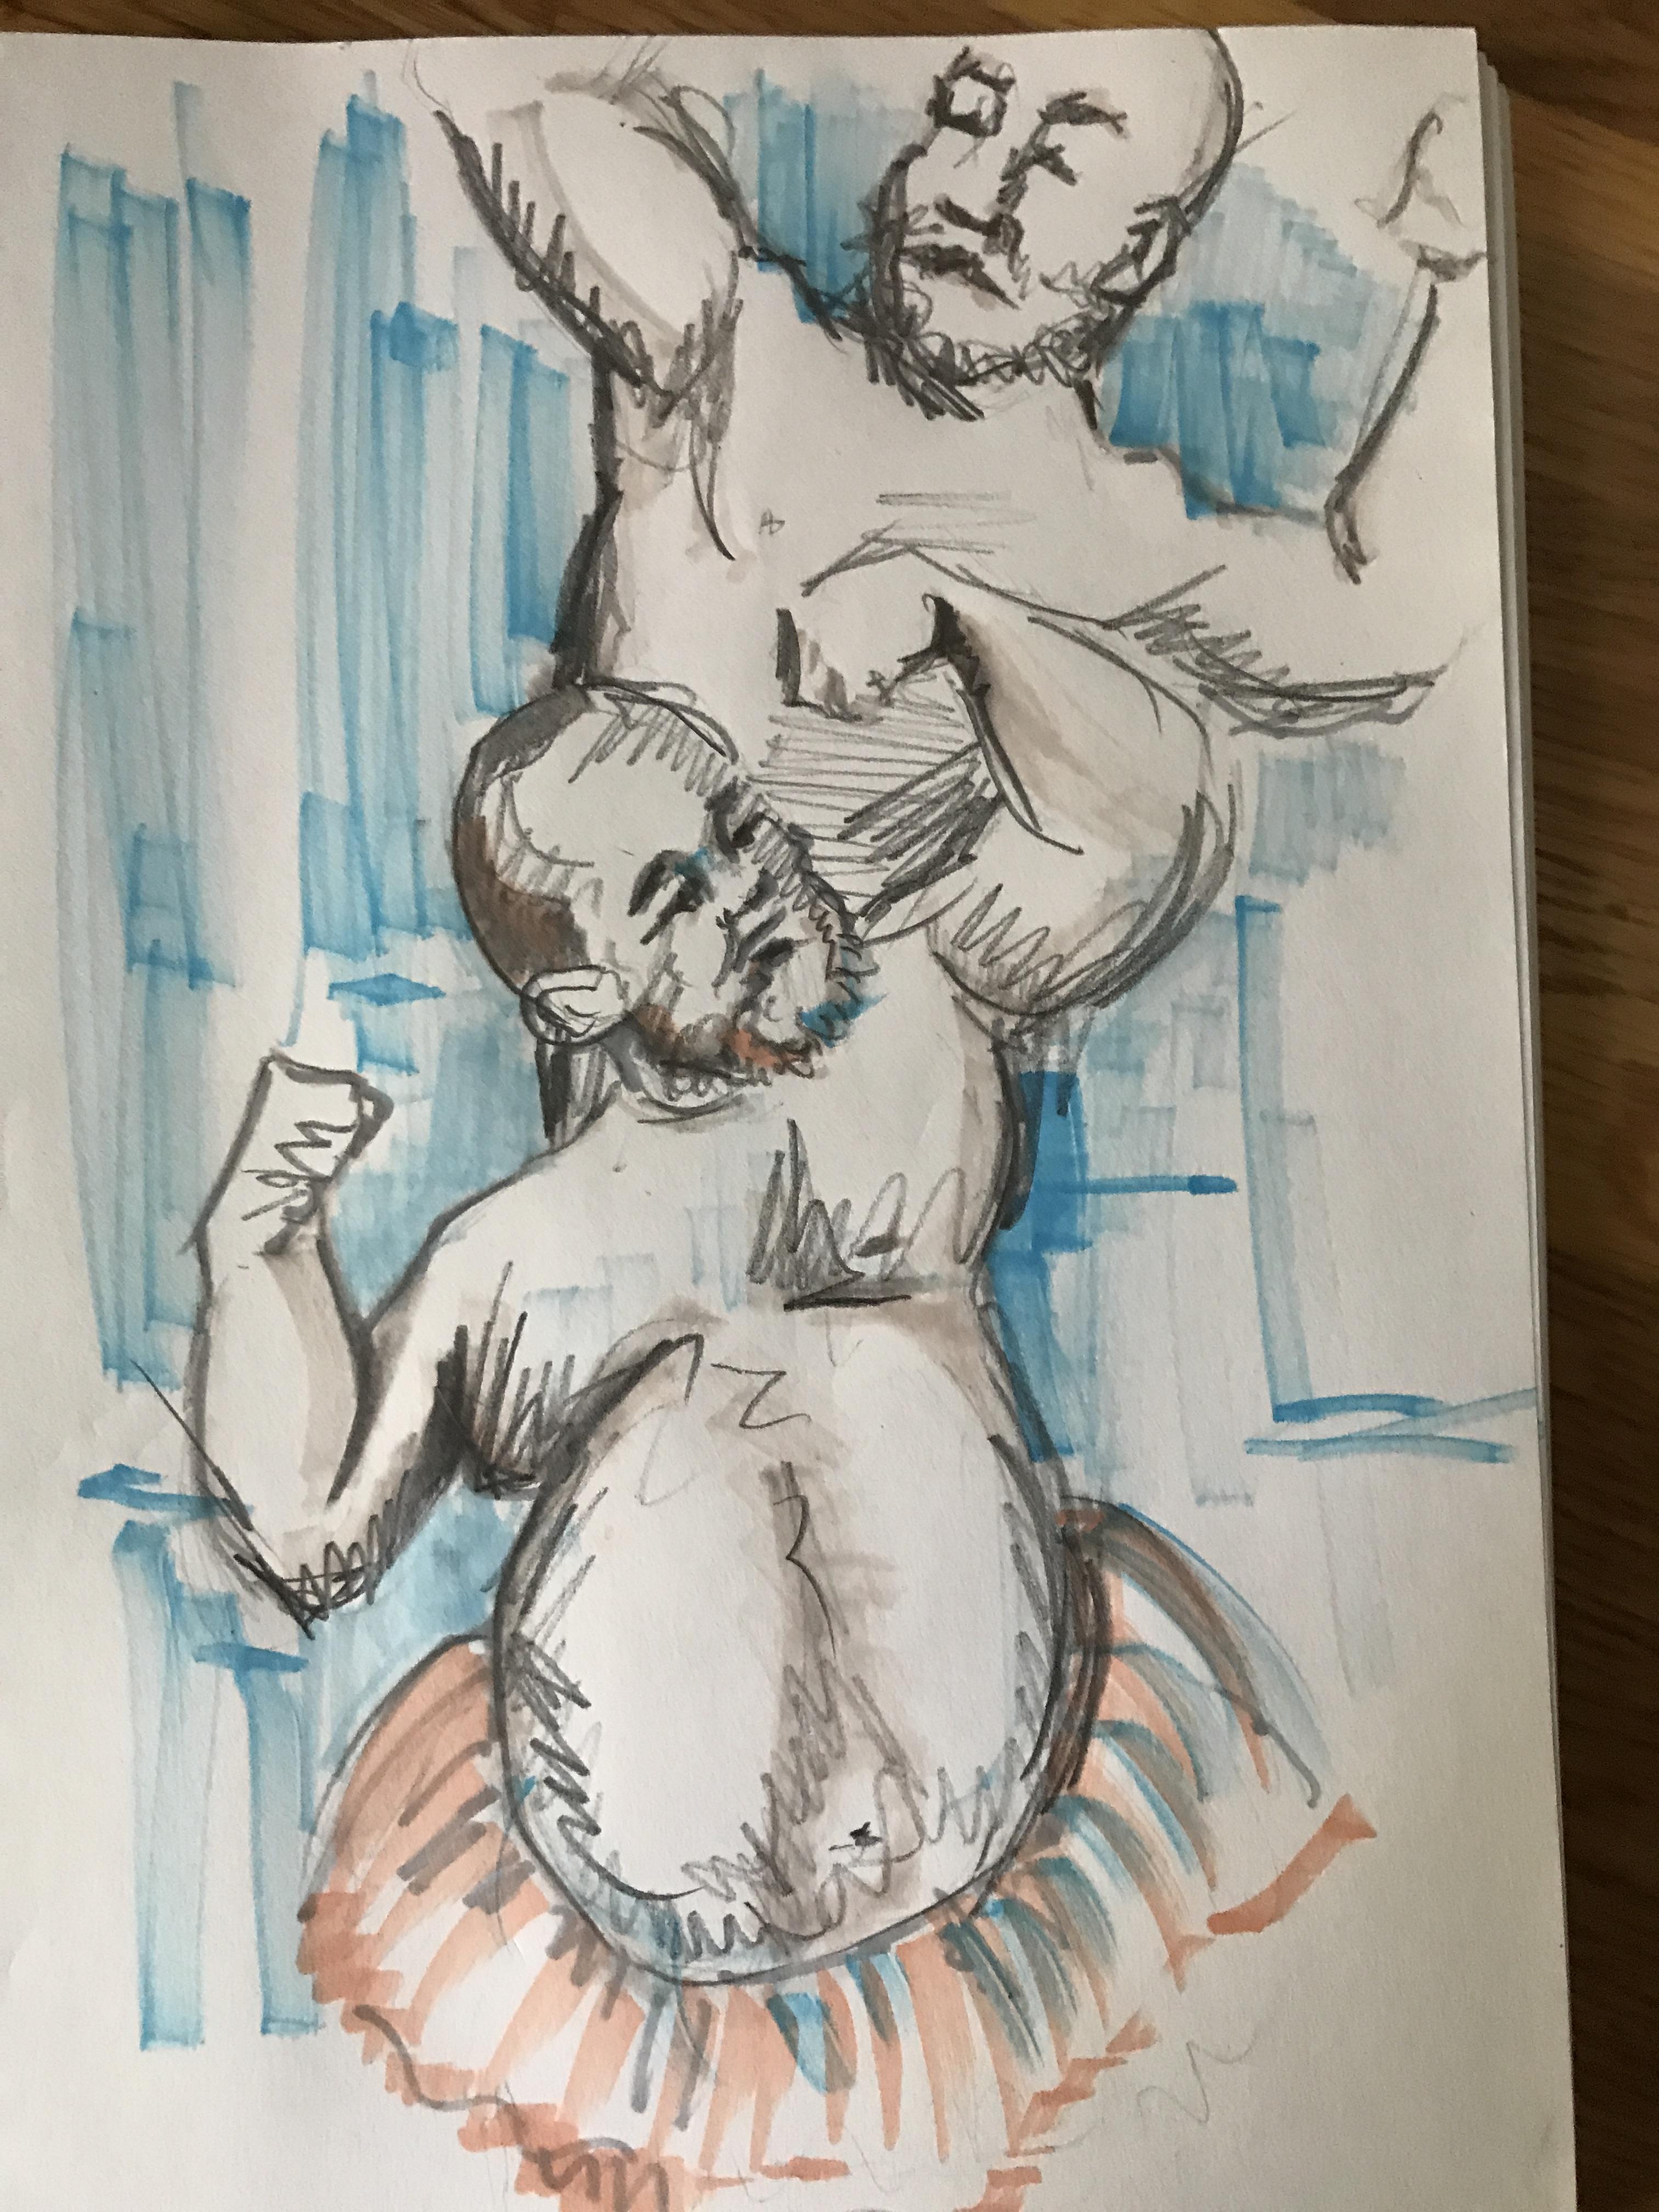 Dessin feutre colorer sur papier composition de personnages  cours de dessin